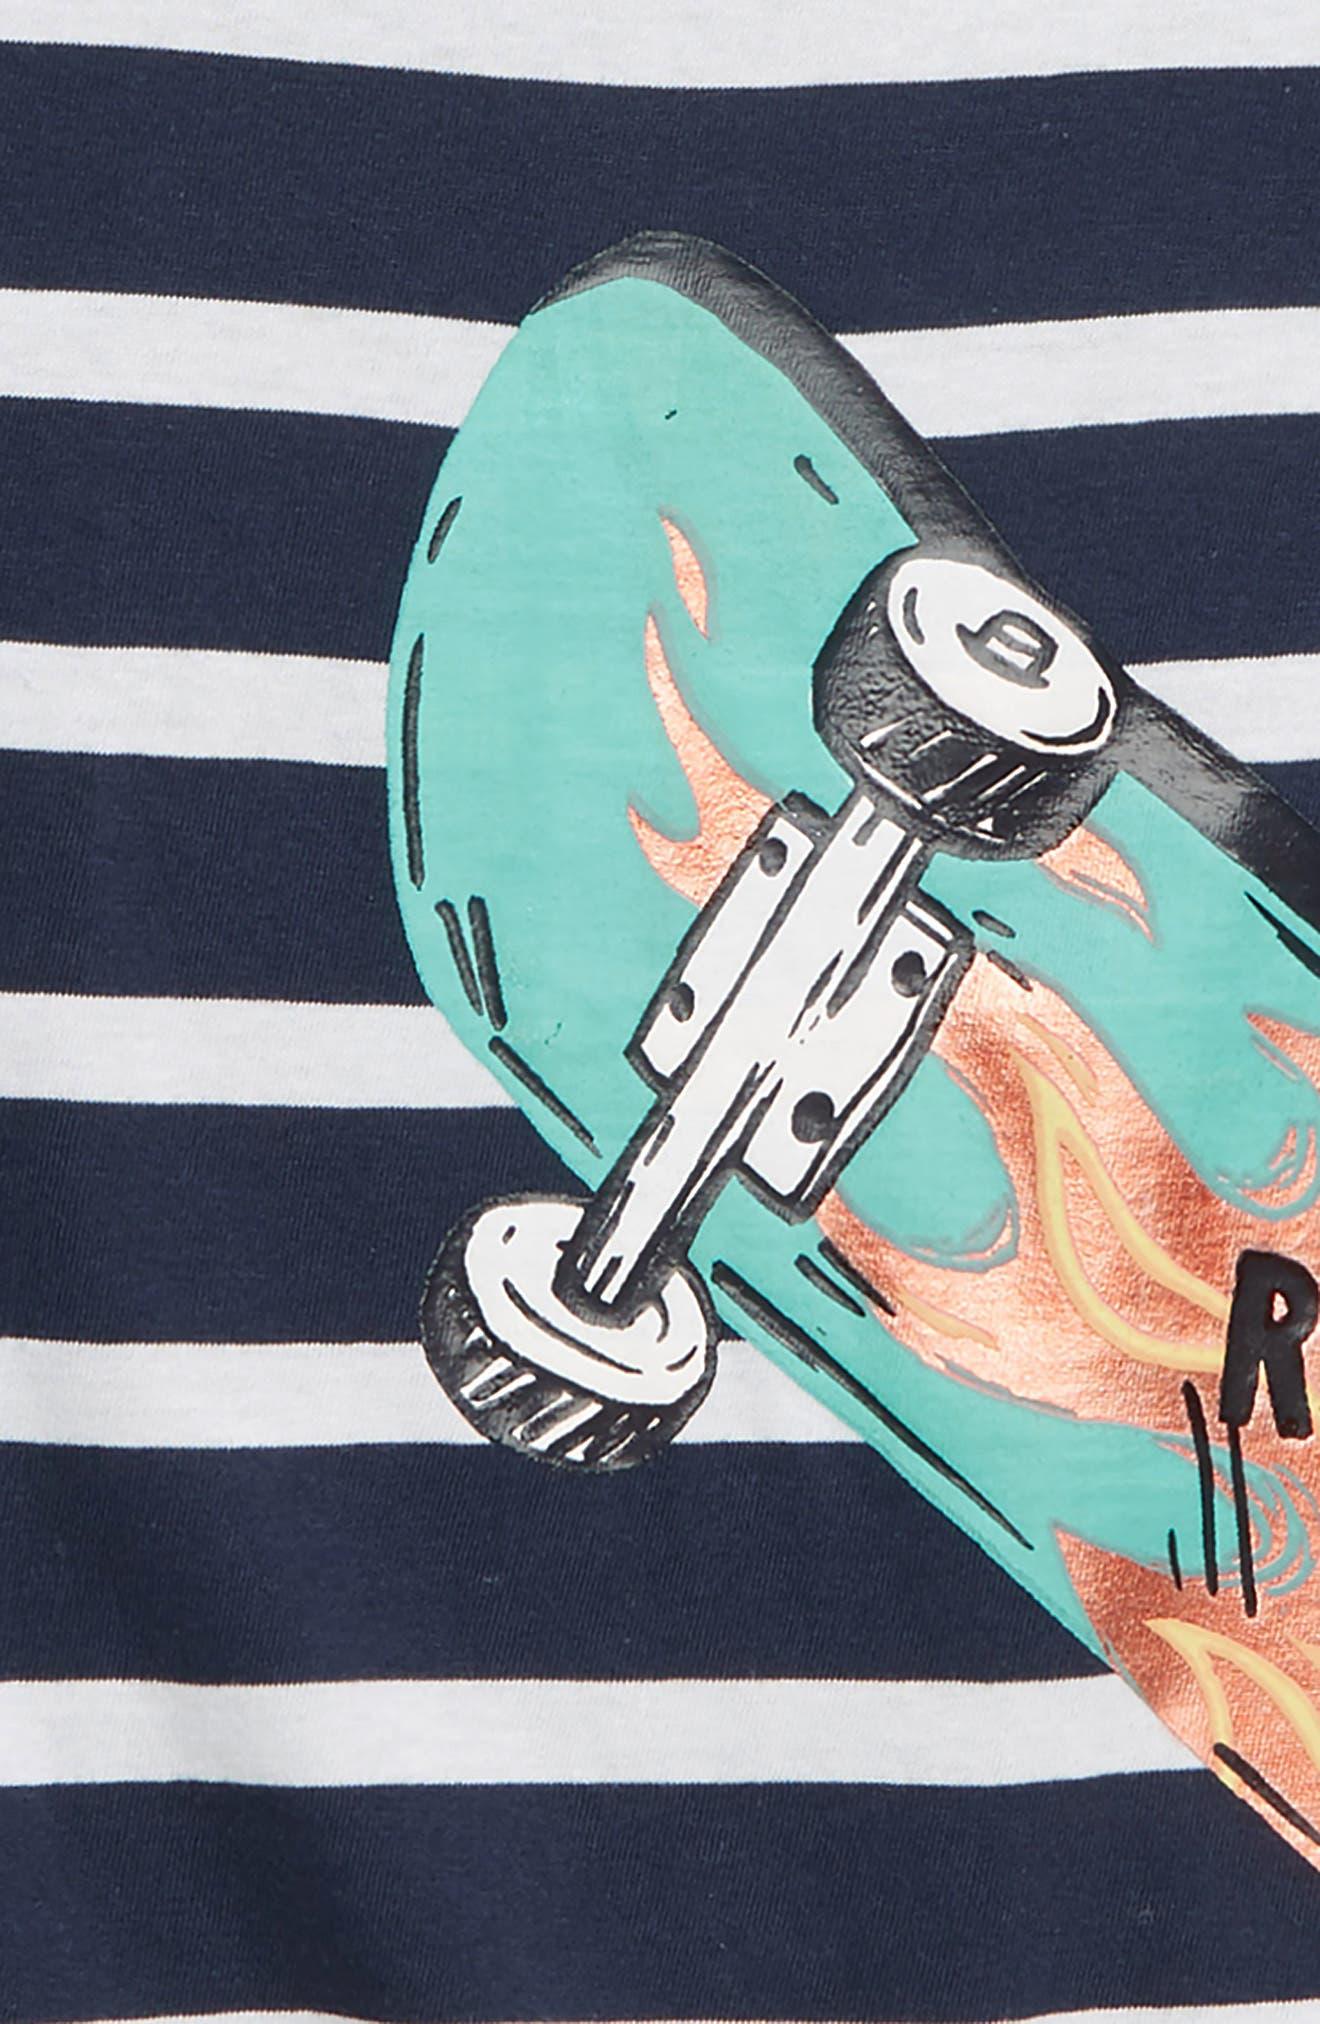 HATLEY, Cool Deck Graphic T-Shirt, Alternate thumbnail 2, color, BLUE